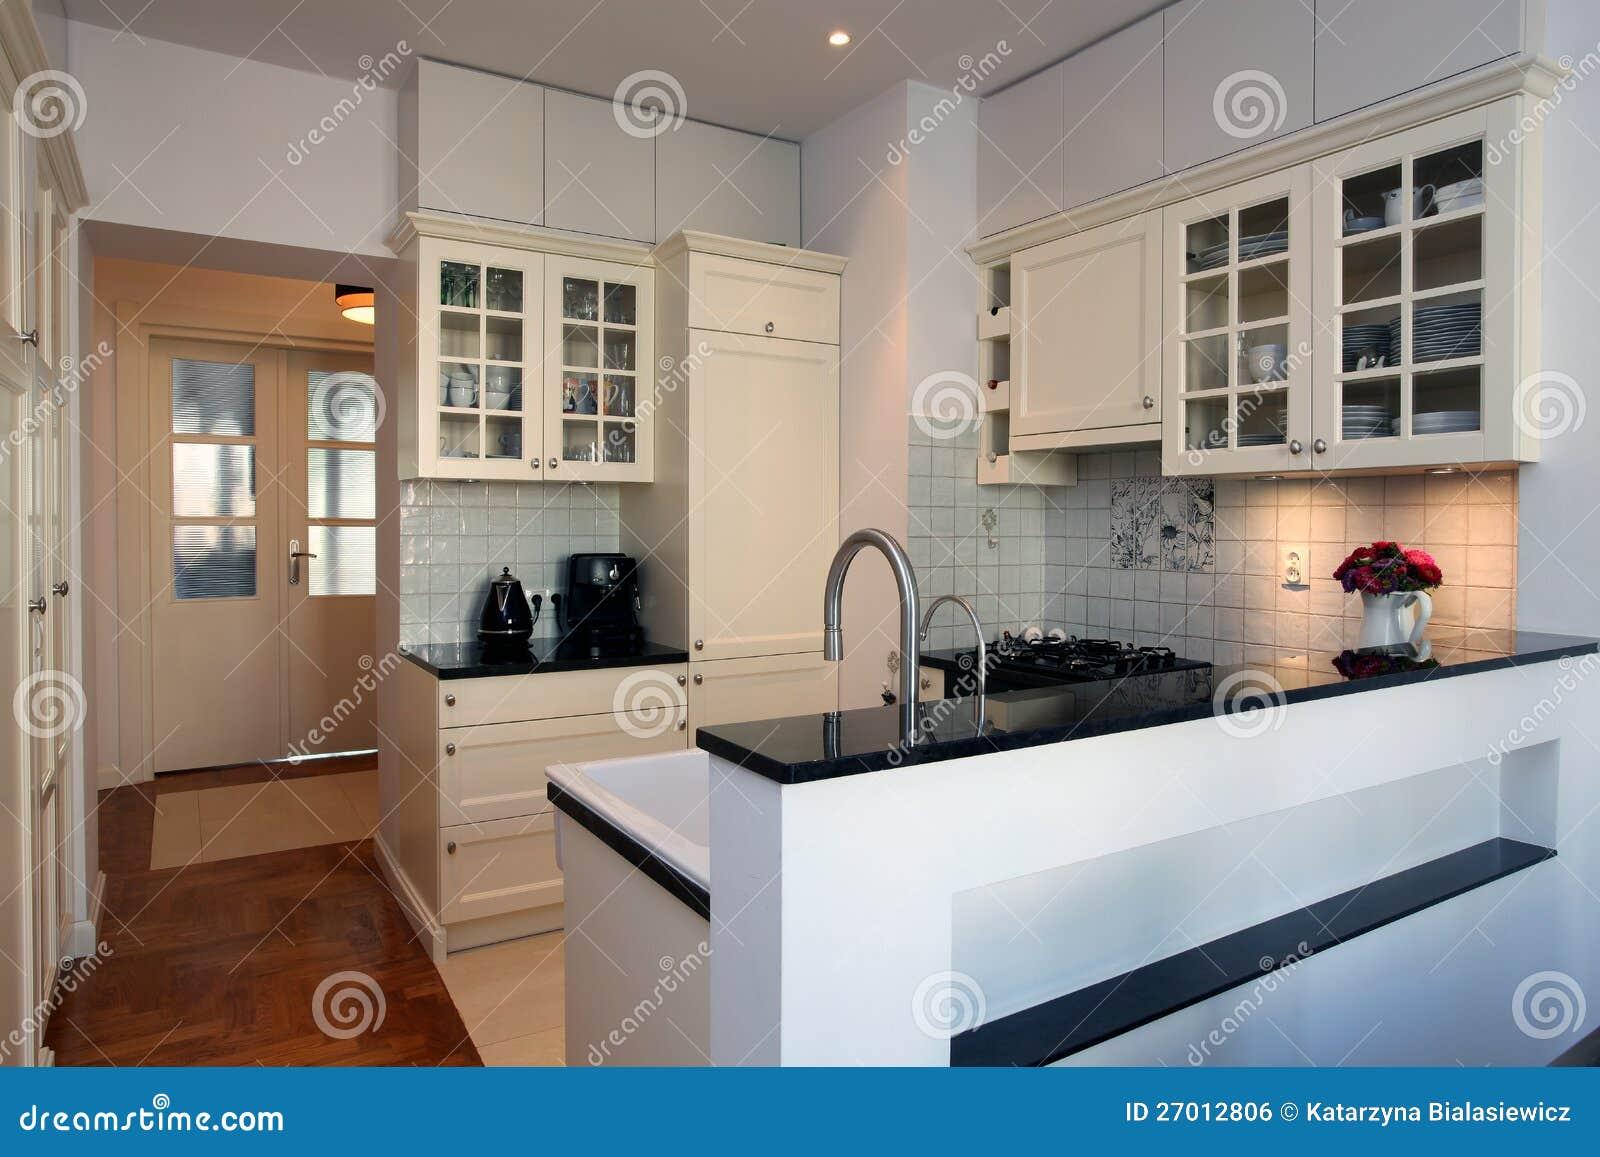 Keuken in wit en ecru stock foto afbeelding bestaande uit meubilair 27012806 - Keuken wit en groen ...